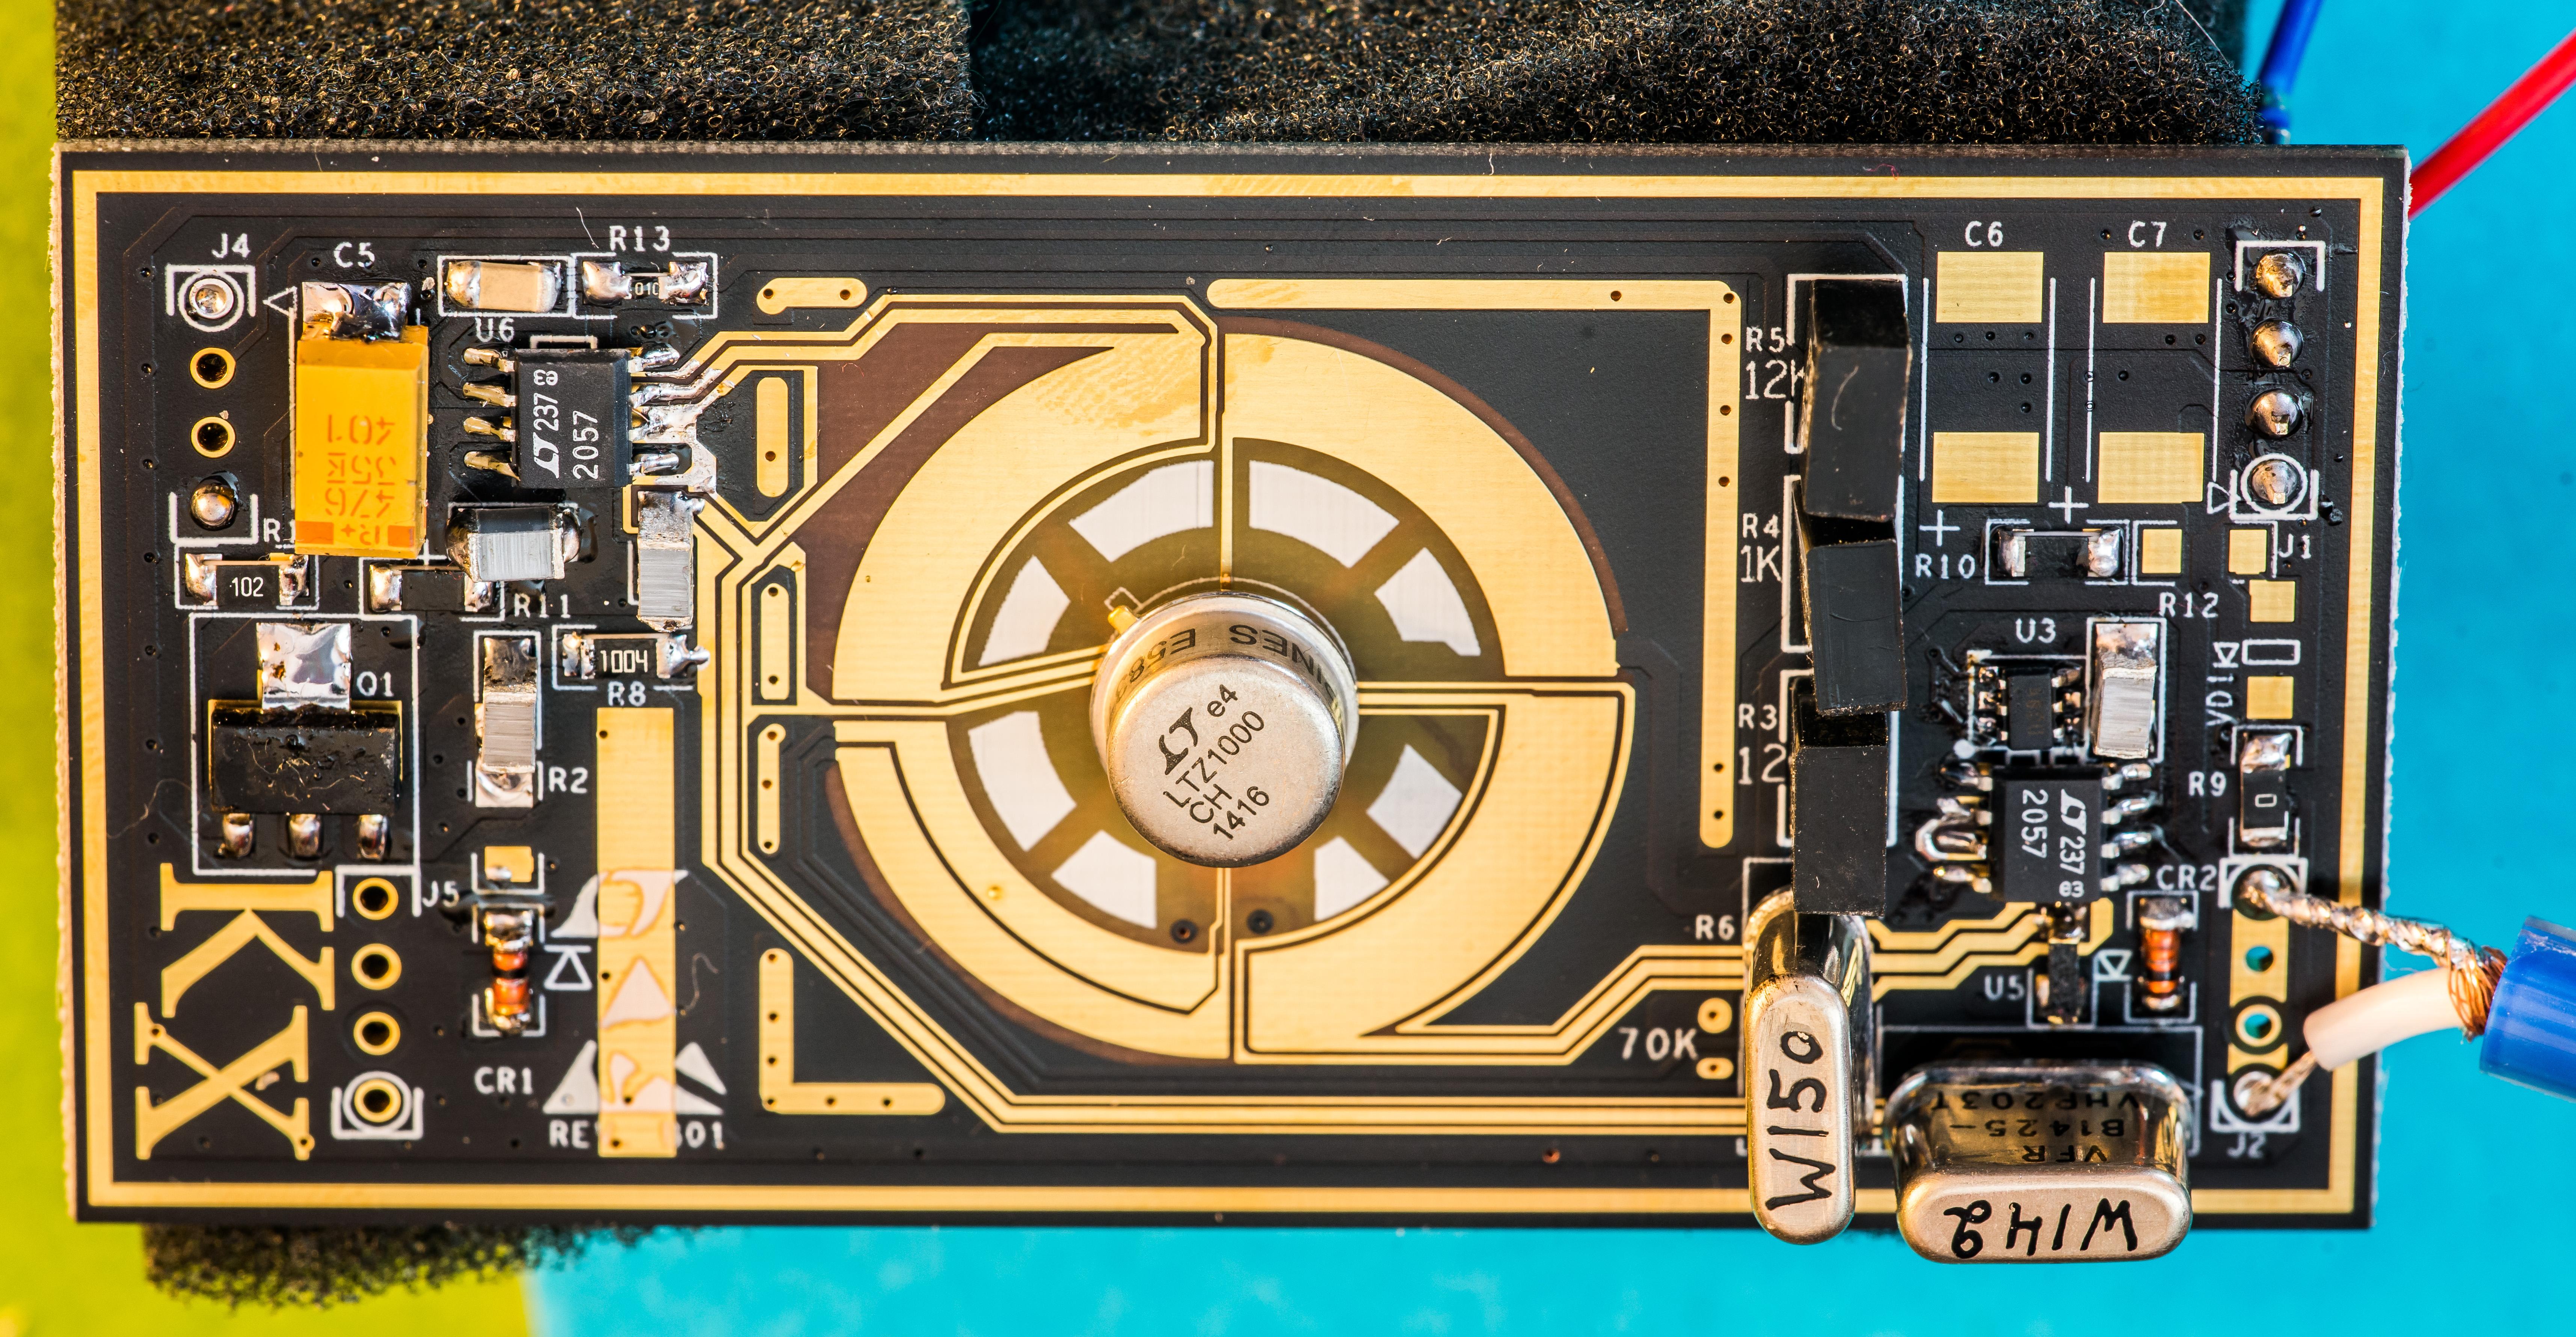 Kx Ltz1000 Based Dc Voltage Reference Design 20v Ultra Precision Op Amps Image 11 Revb00 Right After Assembly Ltc2057 Vishay Foil Resistors